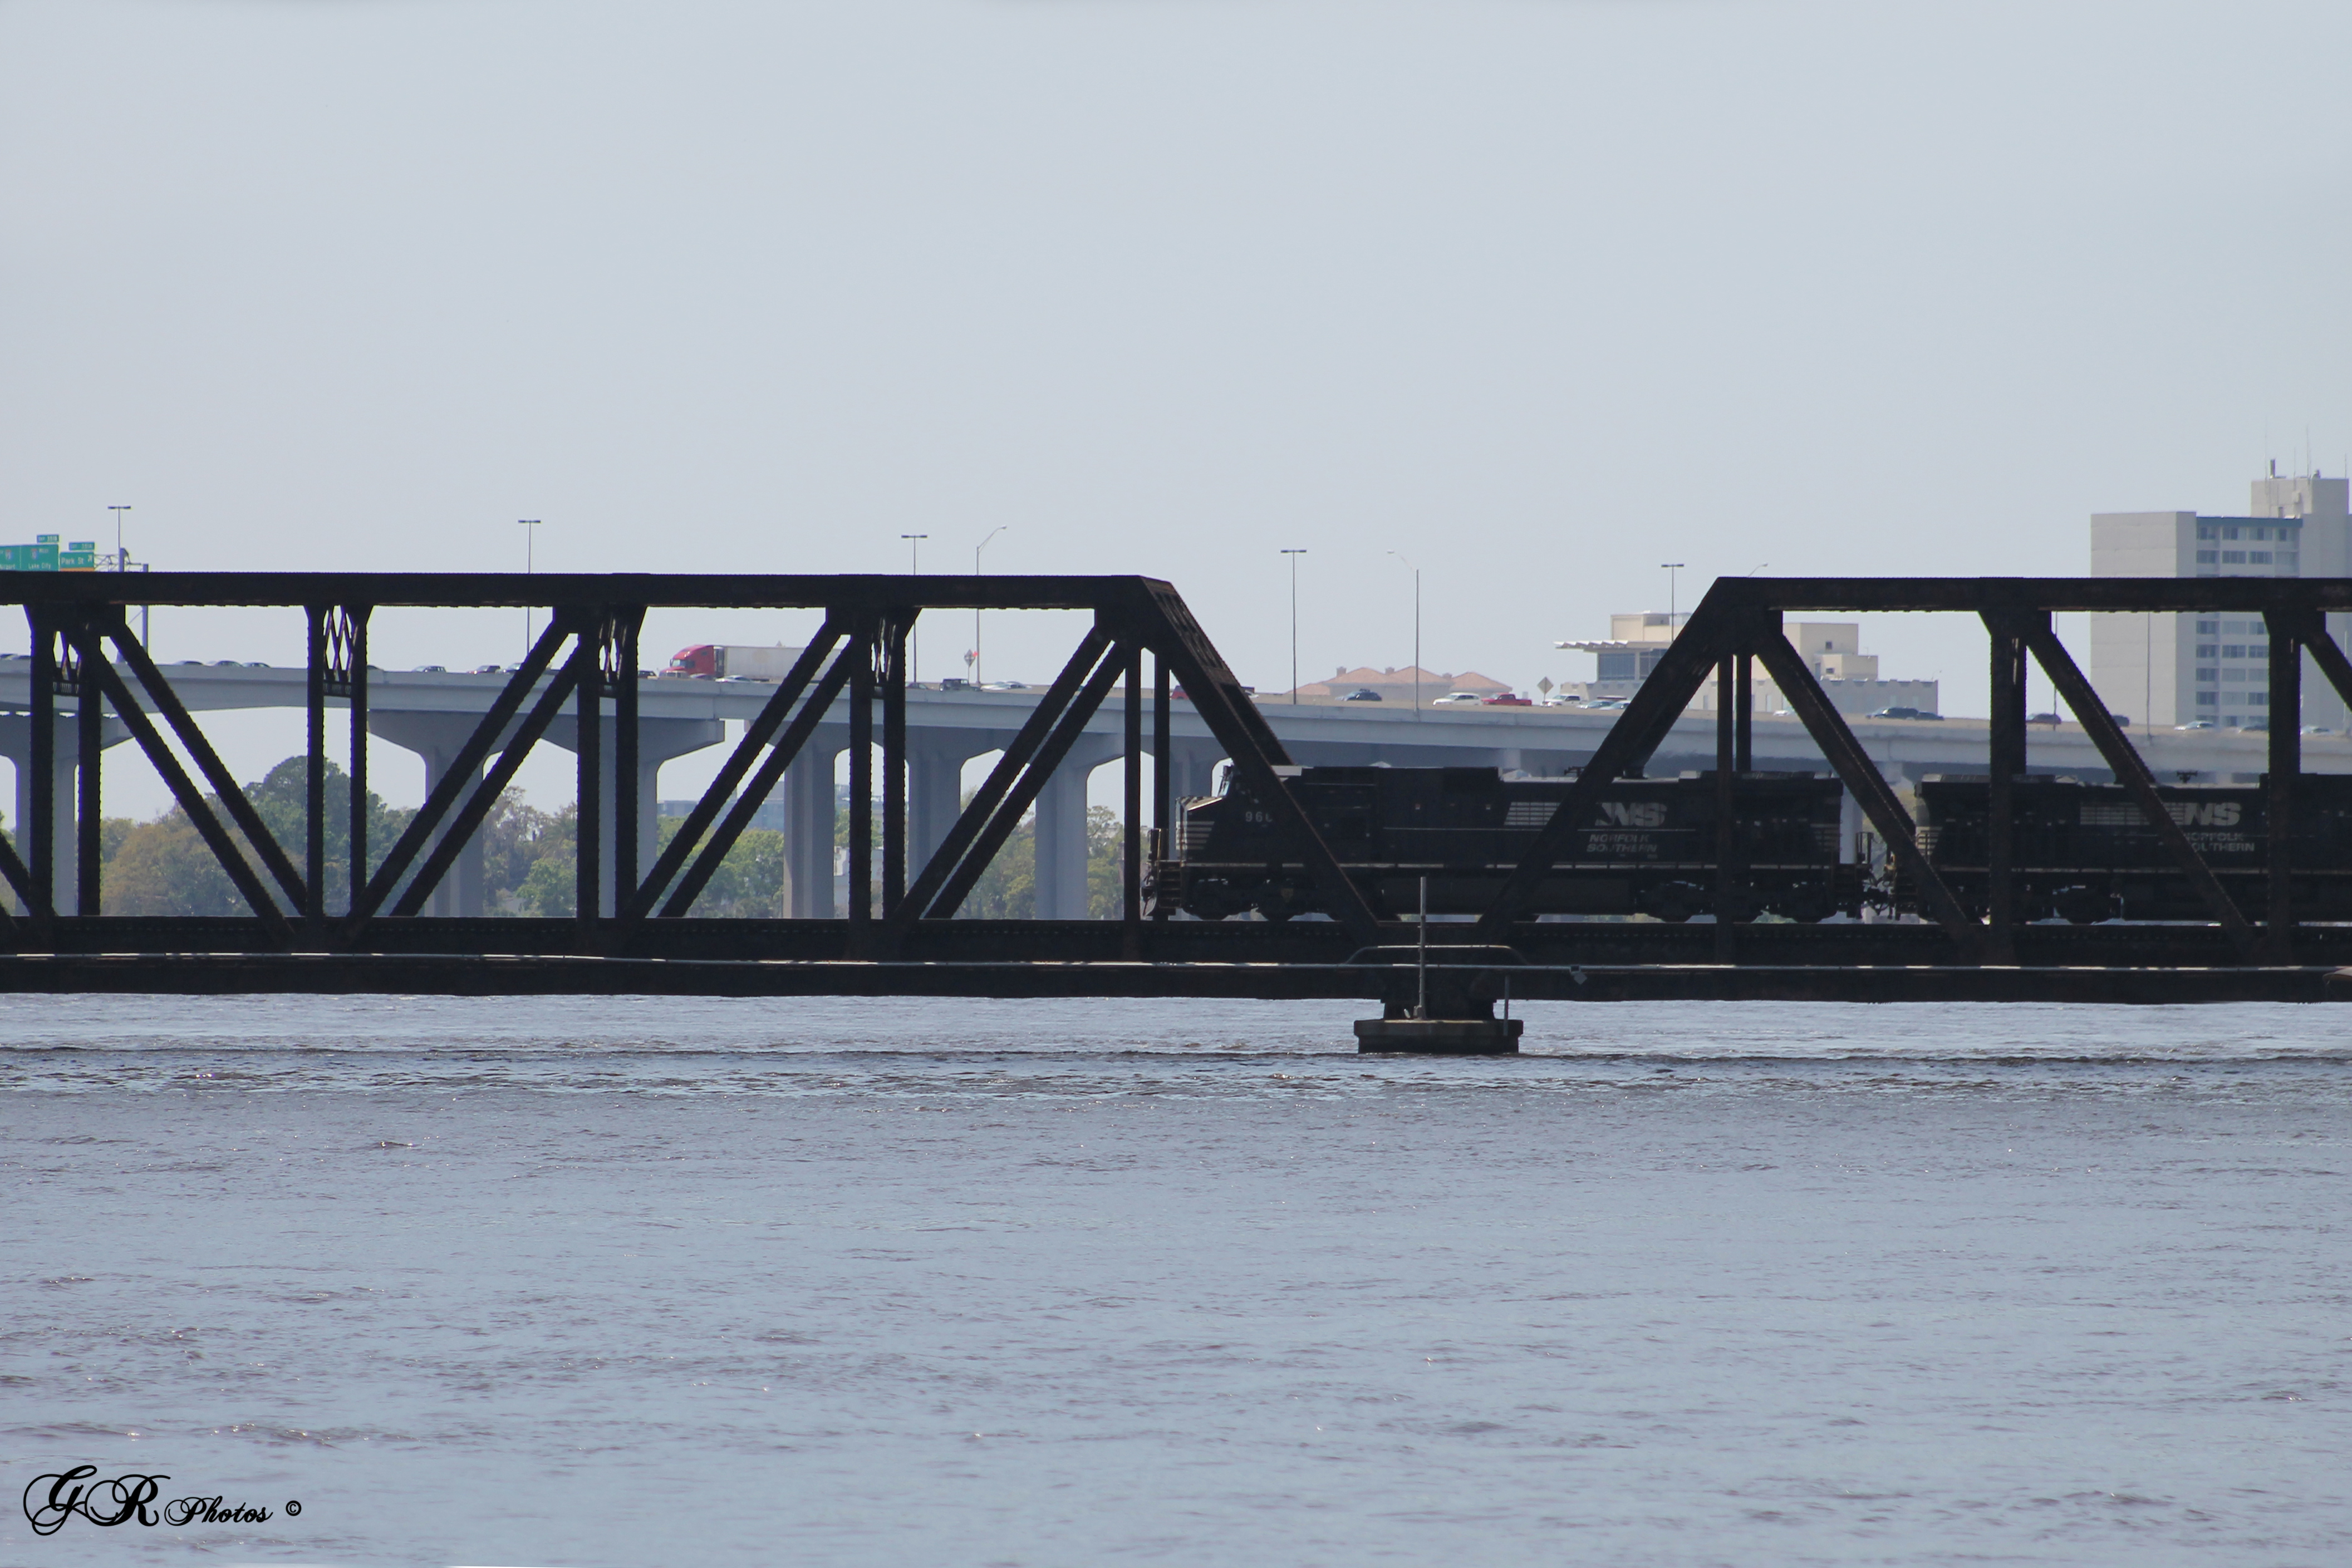 Jacksonville Florida, Bridge, Bridges, Drawbridge, Ocean, HQ Photo